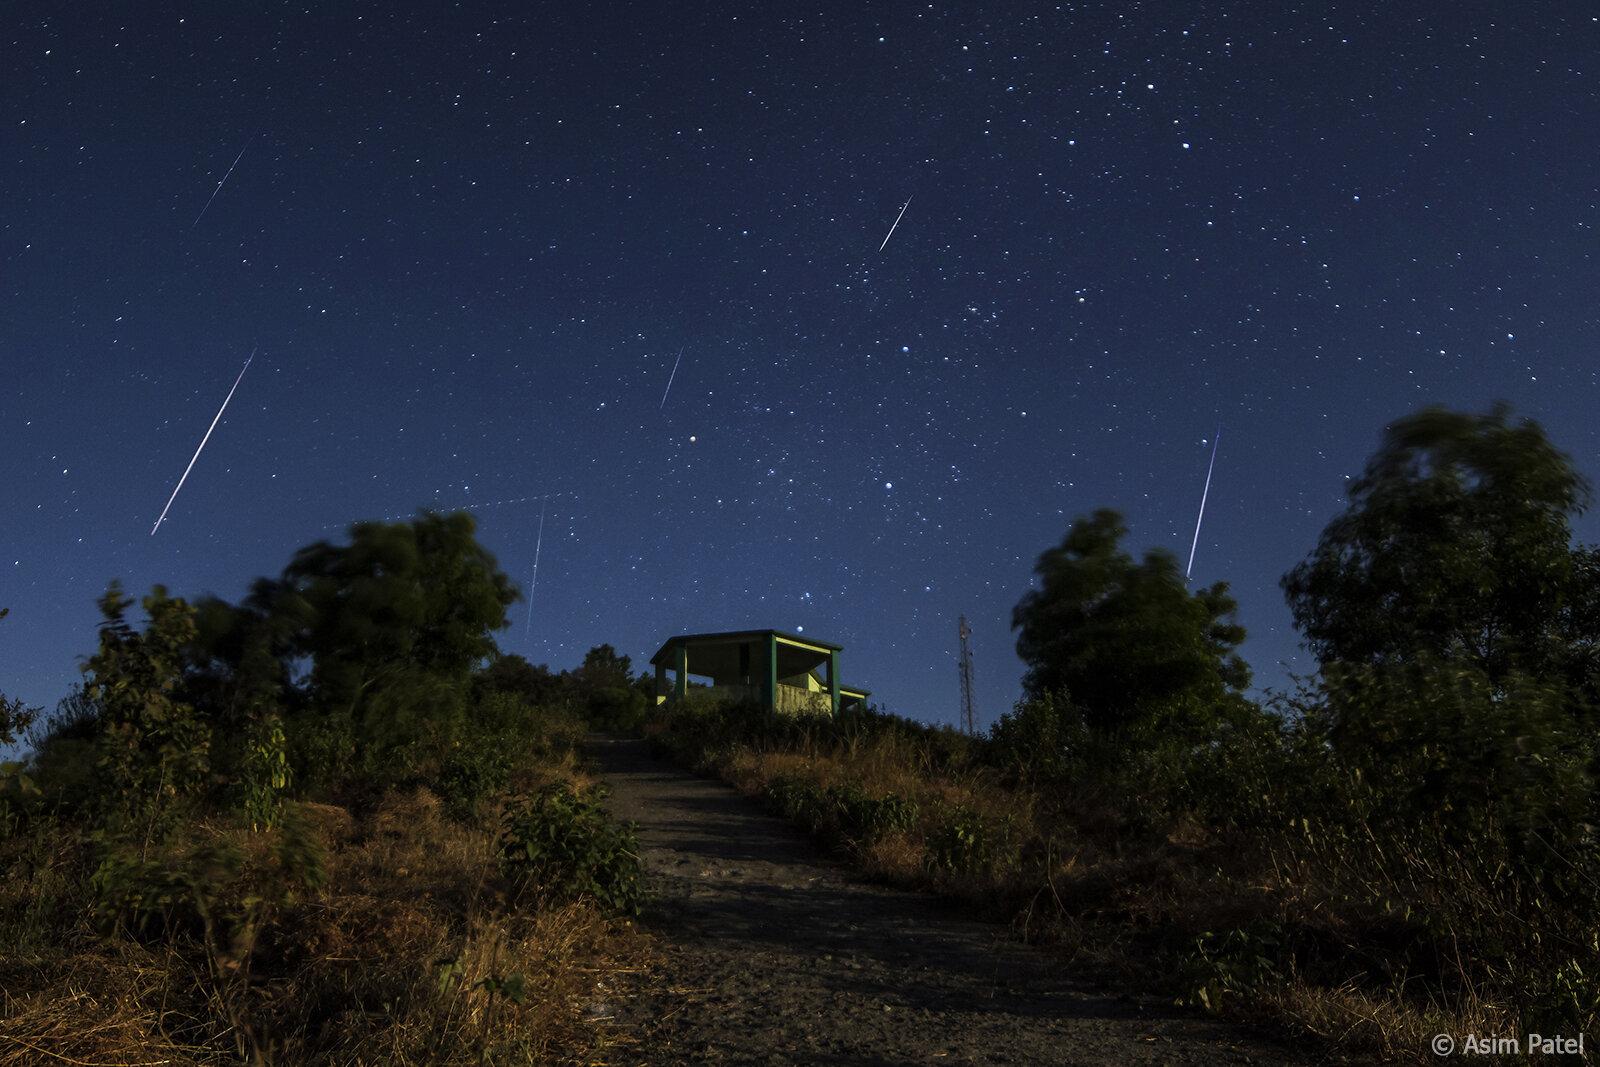 Festive treat for stargazers as Geminid meteors peak